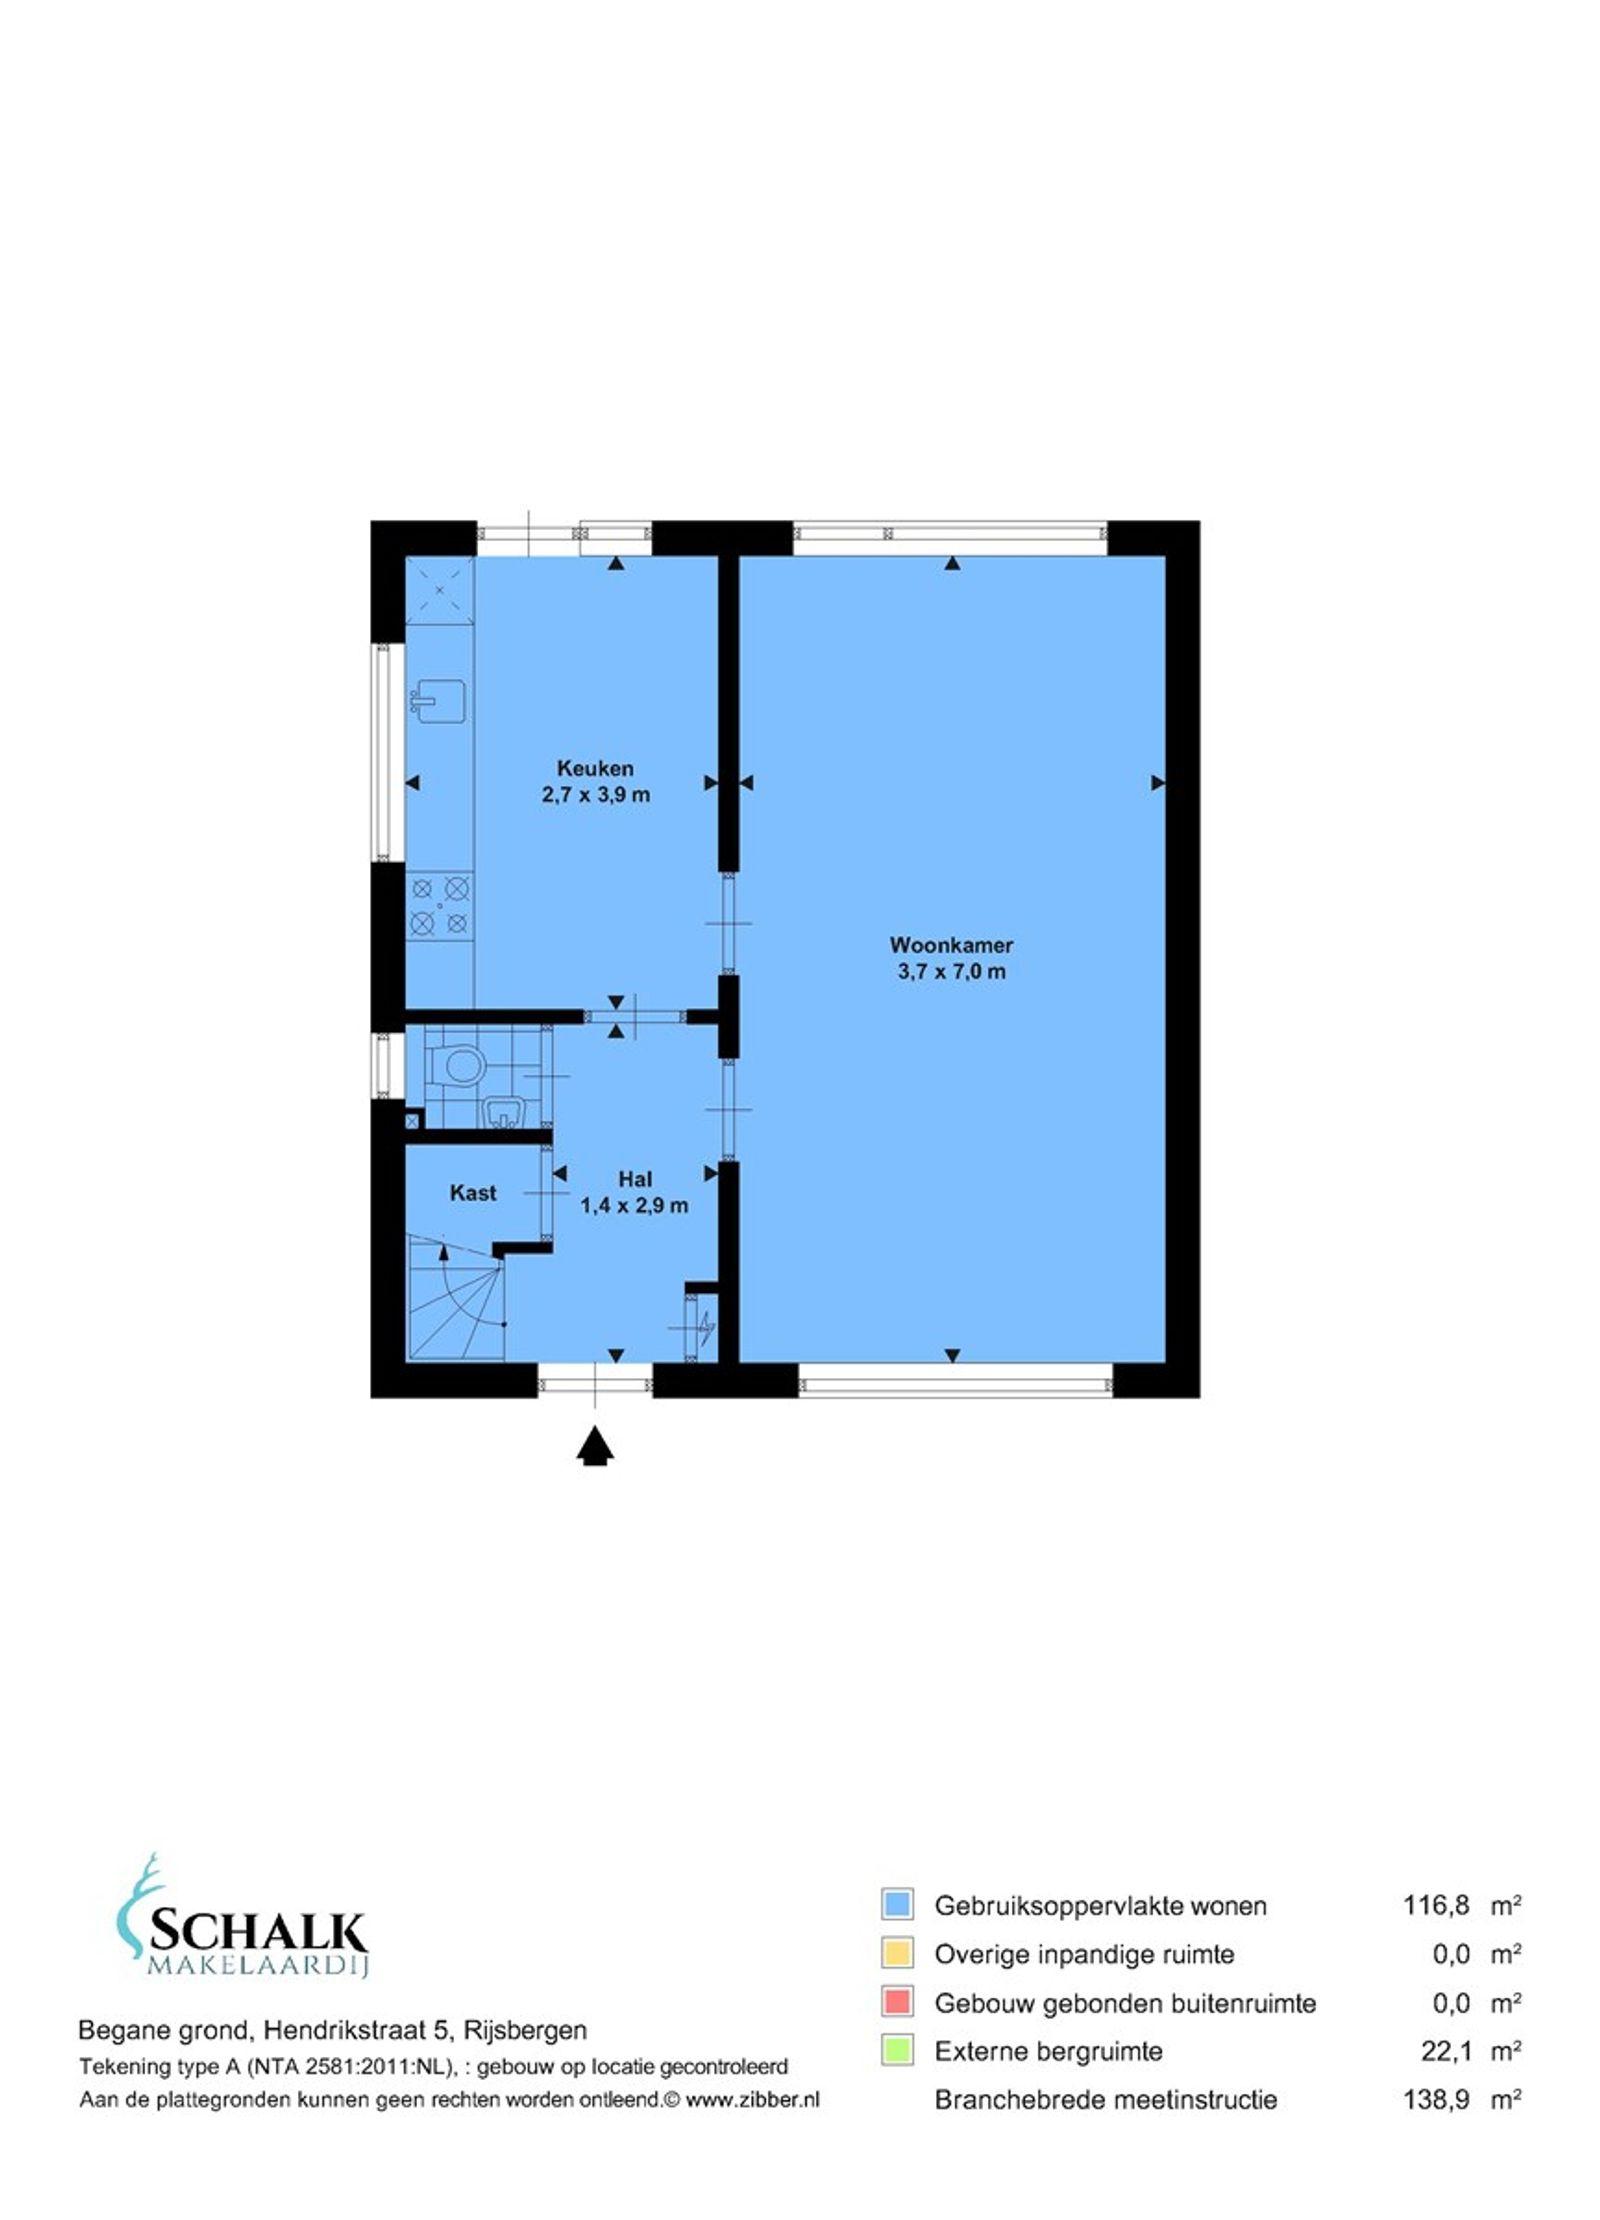 Deze twee-onder-een-kapwoning met vrijstaande garage/berging, eigen oprit en achtertuin op het zuiden is rustig gelegen op een perceel van 250 m².  Op loopafstand zijn alle dorpsvoorzieningen als ook het openbaar vervoer (bushalte) bereikbaar. Op de begane grond tref je een fijne doorzonwoonkamer, keuken, een praktische trapkast en een toiletruimte. De eerste verdieping beschikt over drie slaapkamers en een badkamer uitgerust met douche, wastafel en toilet. Op de tweede verdieping bevindt zich de voorzolder met opstelling van de cv combiketel, wasmachine– en droger aansluiting. En tot slot,  de vierde slaapkamer.   De achtertuin is gelegen op het zuiden en is via een houten poort toegankelijk.   BEGANE GROND Entree/hal met toegang tot een trapkast,  toiletruimte, woonkamer, keuken en vaste trap naar de eerste verdieping. Afwerking- vloerbedekking, Spachtelputz wanden en een stucwerk plafond. Meterkast- 5 groepen, 1 aardlekschakelaars en 1 krachtstroomgroepen.  Toiletruimte met fonteintje. Afwerking- tegelvloer, wandtegels en een kunststof plafond.  Fijne doorzon woonkamer met een elektrisch bedienbaar rolluik aan de achterzijde. Afwerking- vloerbedekking, Spachtelputz wanden en een stucwerk plafond.  Keuken in rechte opstelling uitgerust met een kunststof aanrechtblad, spoelbak, 4-pits elektrische kookplaat, afzuigkap, elektrische oven, koelkast en kastruimte. De raampartijen zorgen voor voldoende lichtinval. Via een loopdeur is de achtertuin toegankelijk. Afwerking- vloerbedekking, Spachtelputz wanden en een stucwerk plafond.  EERSTE VERDIEPING Overloop met toegang tot drie slaapkamers, de badkamer en vaste trap naar de tweede verdieping. Afwerking- vloerbedekking, spuitwerk wanden en een spuitwerk plafond.  Slaapkamer 1 - voorzien van een garderobekast en water aansluiting. Afwerking- zeil op de vloer, behangen wanden en een zachtboardplafond.  Slaapkamer 2- voorzien van een groot raampartij. Afwerking- vloerbedekking, behangen wanden en een zachtboardplafond.  Sl